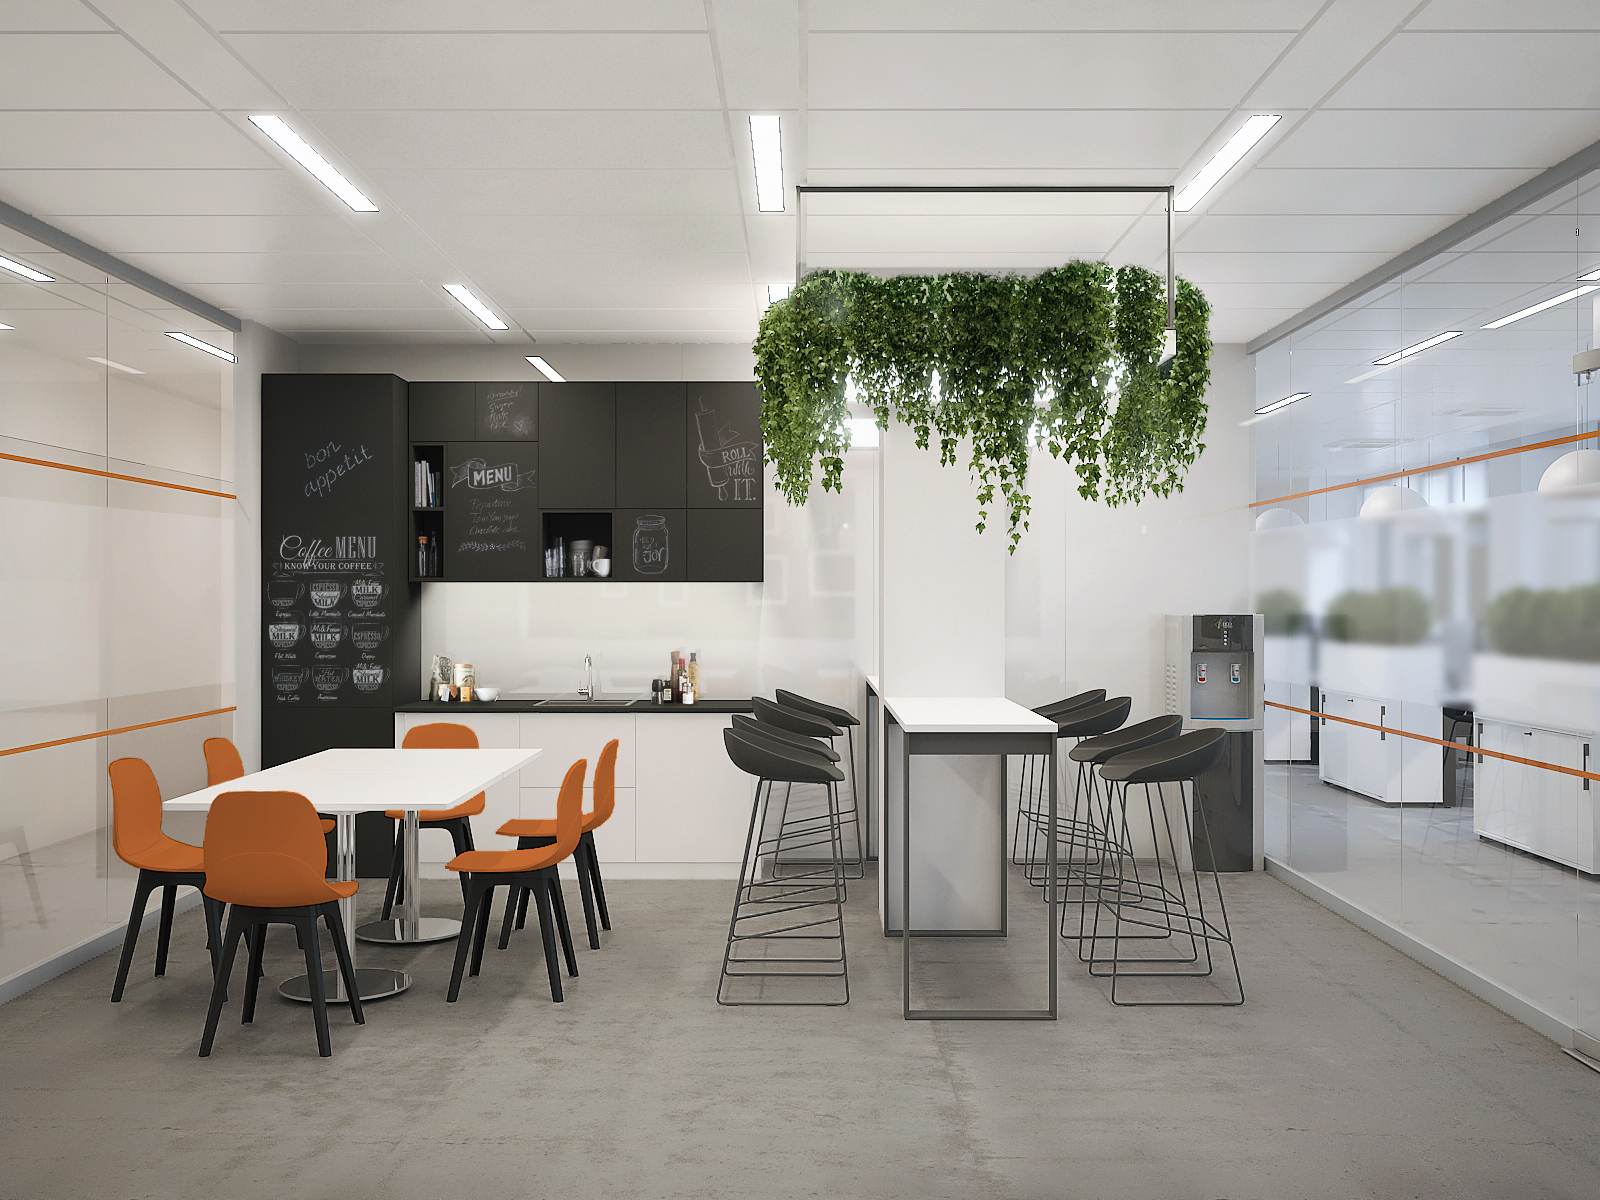 Визуализация проекта офиса Gemalto. Кухня 2